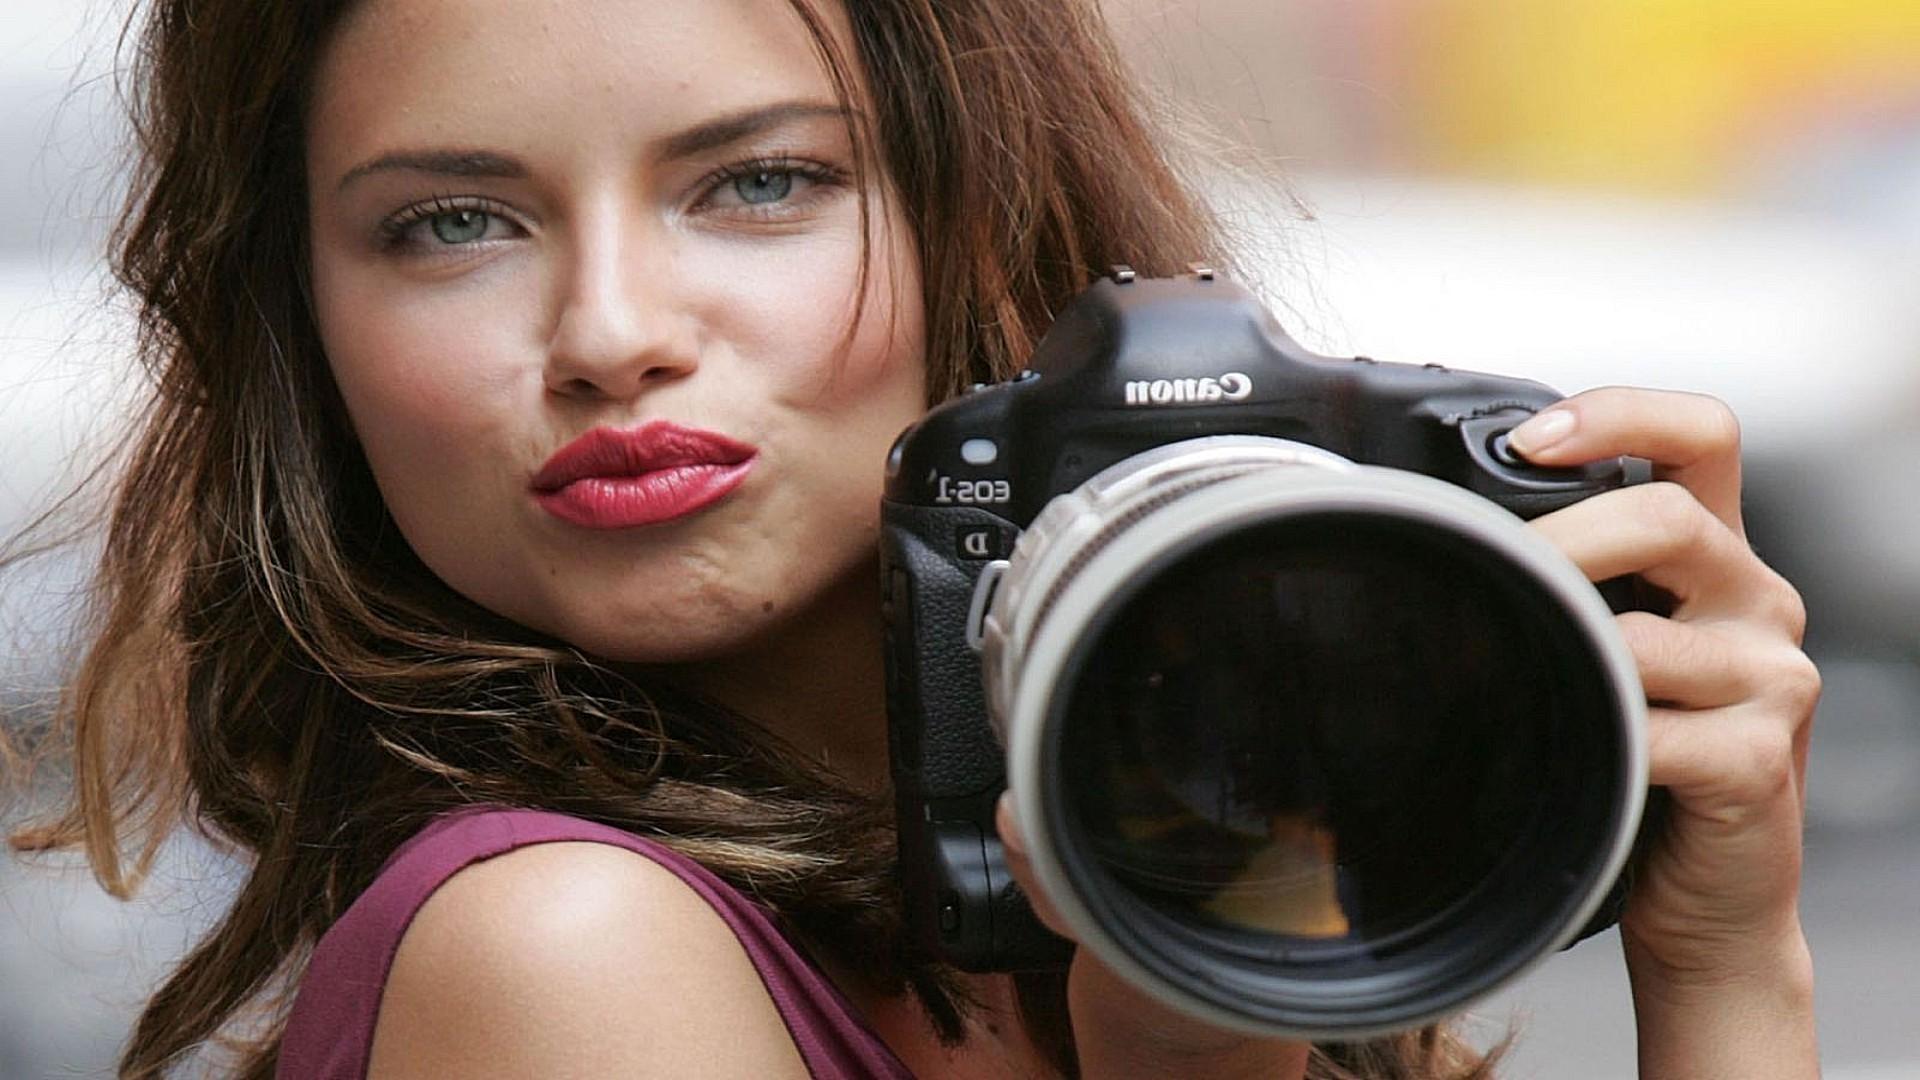 фотообои девушек бесплатно: